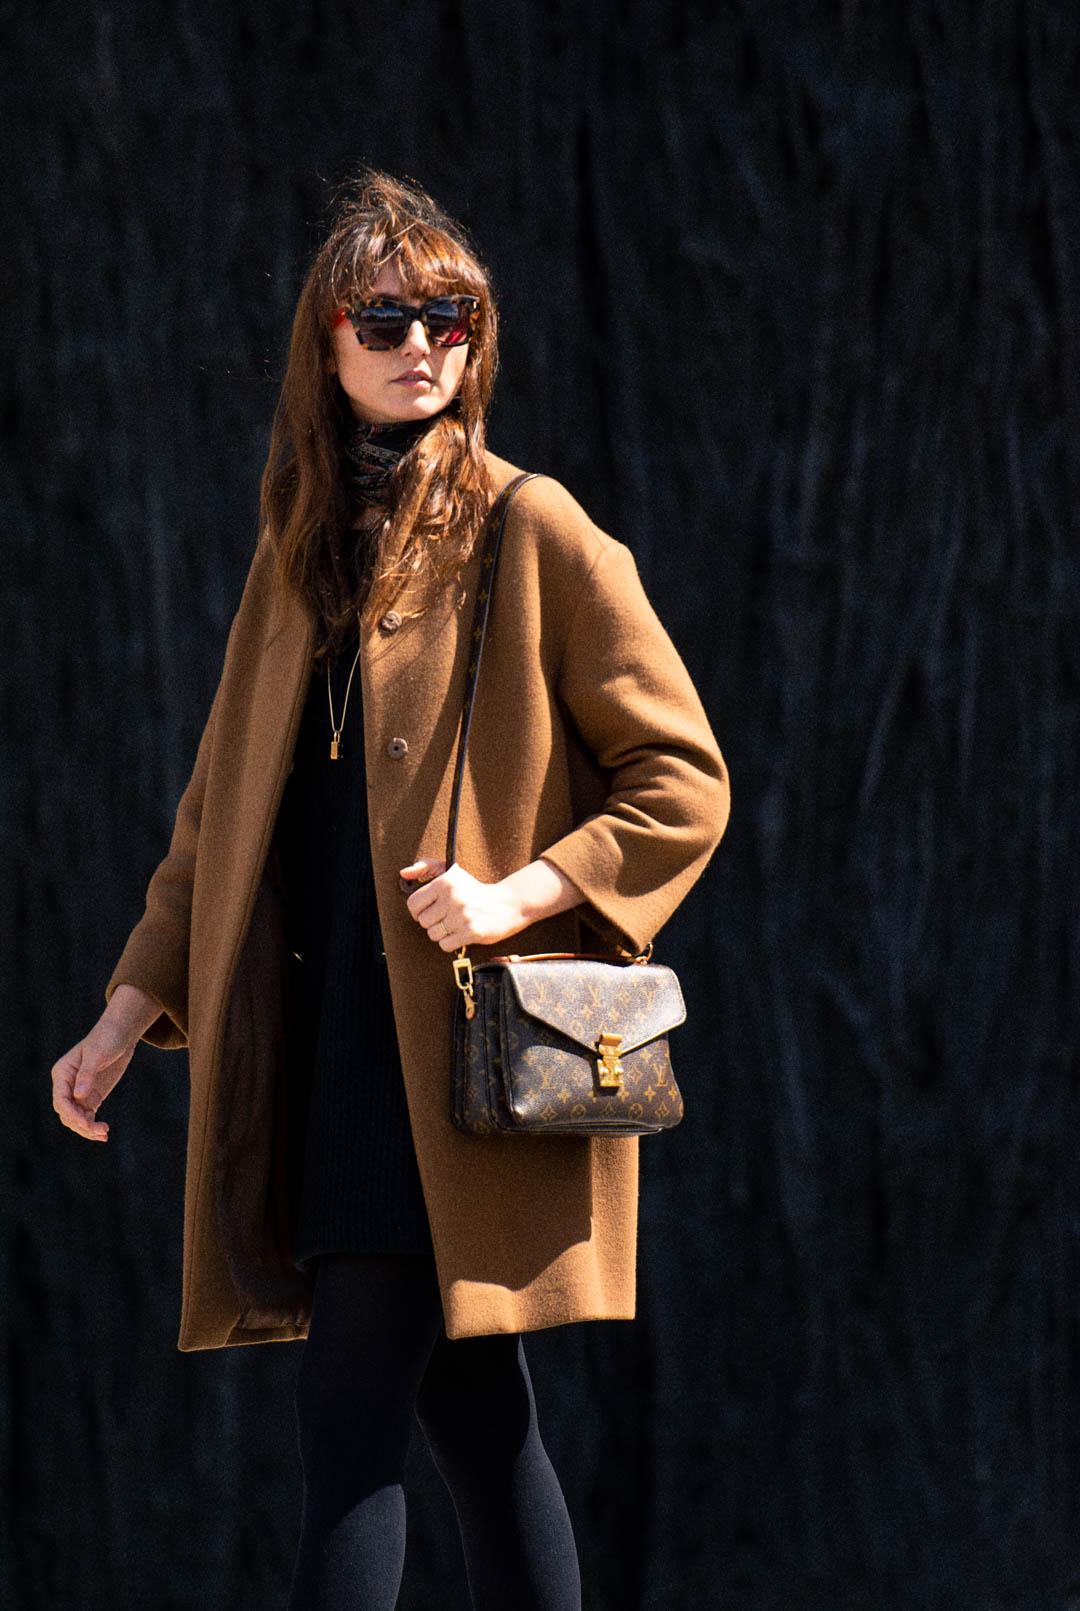 mayte-de-la-iglesia-street-style-abrigo-camel-web-05